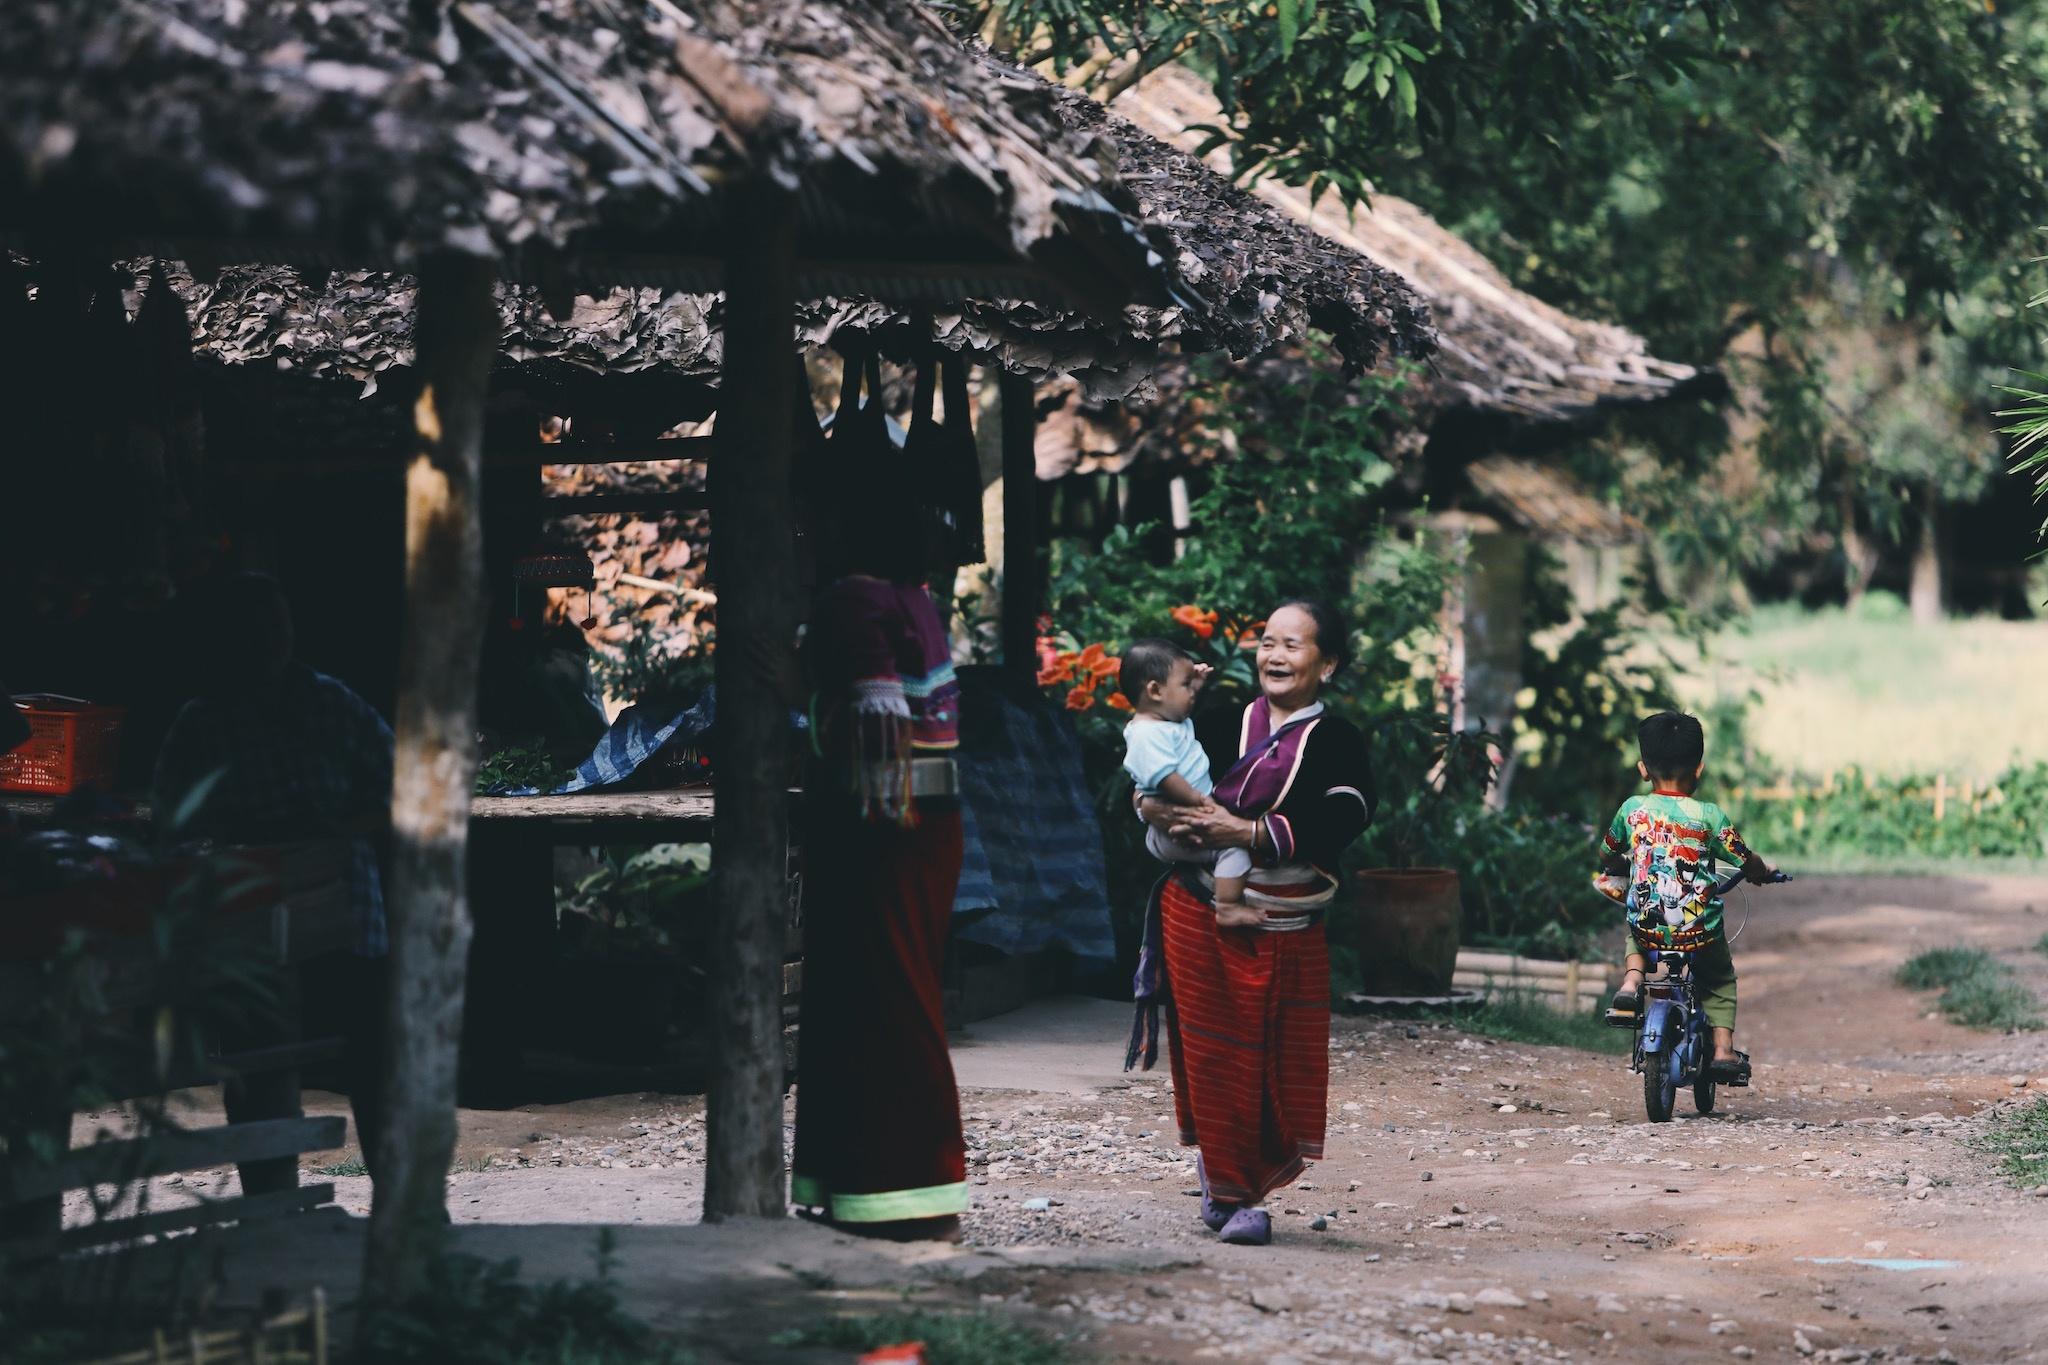 Du lich tu tuc Thai Lan: Bi kip xem - an - choi moi me, tiet kiem hinh anh 21